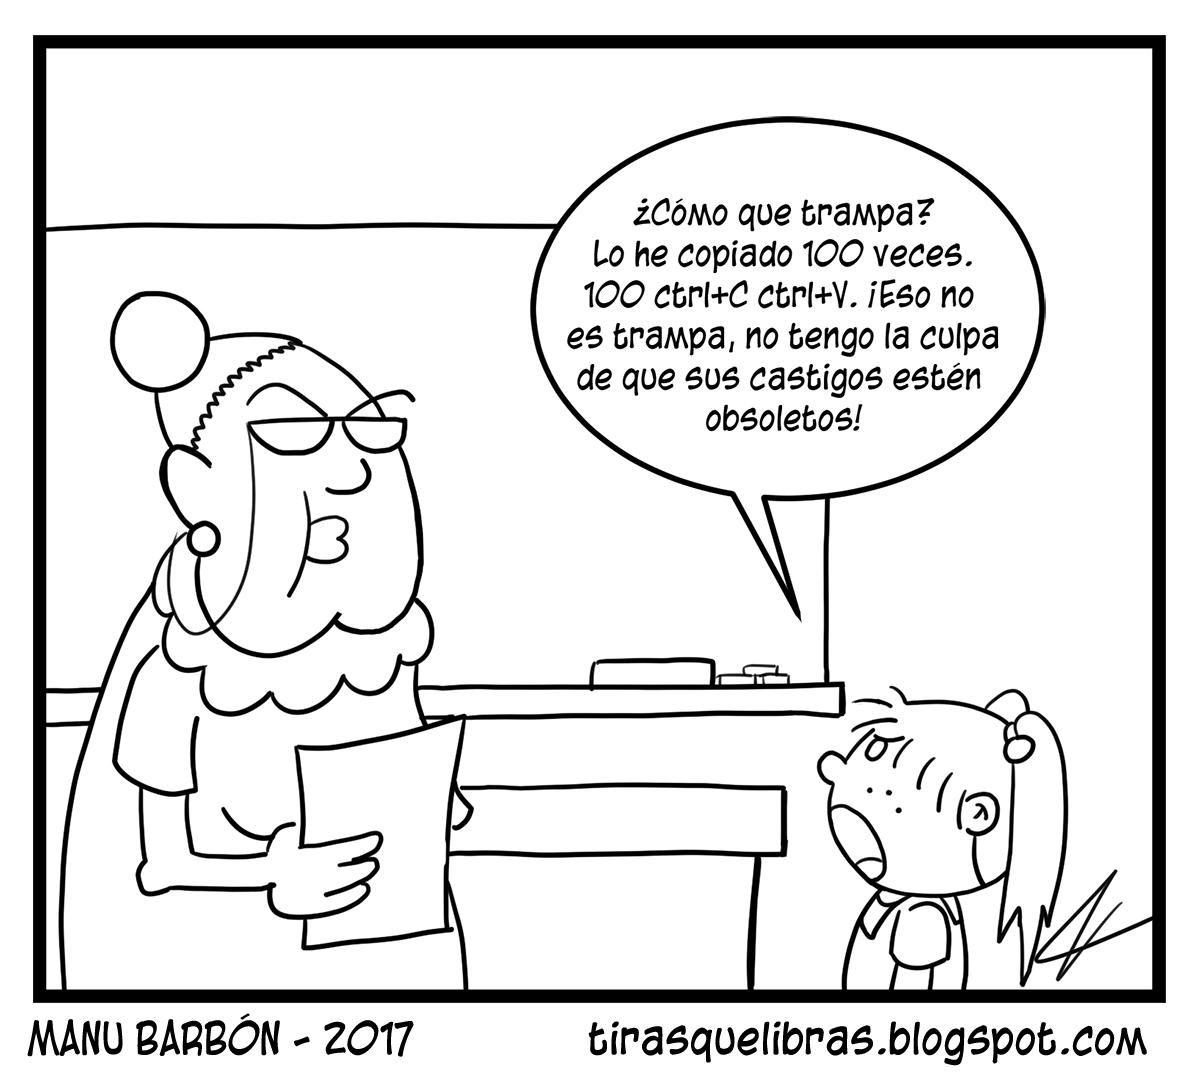 webcomic, jen hace trampa